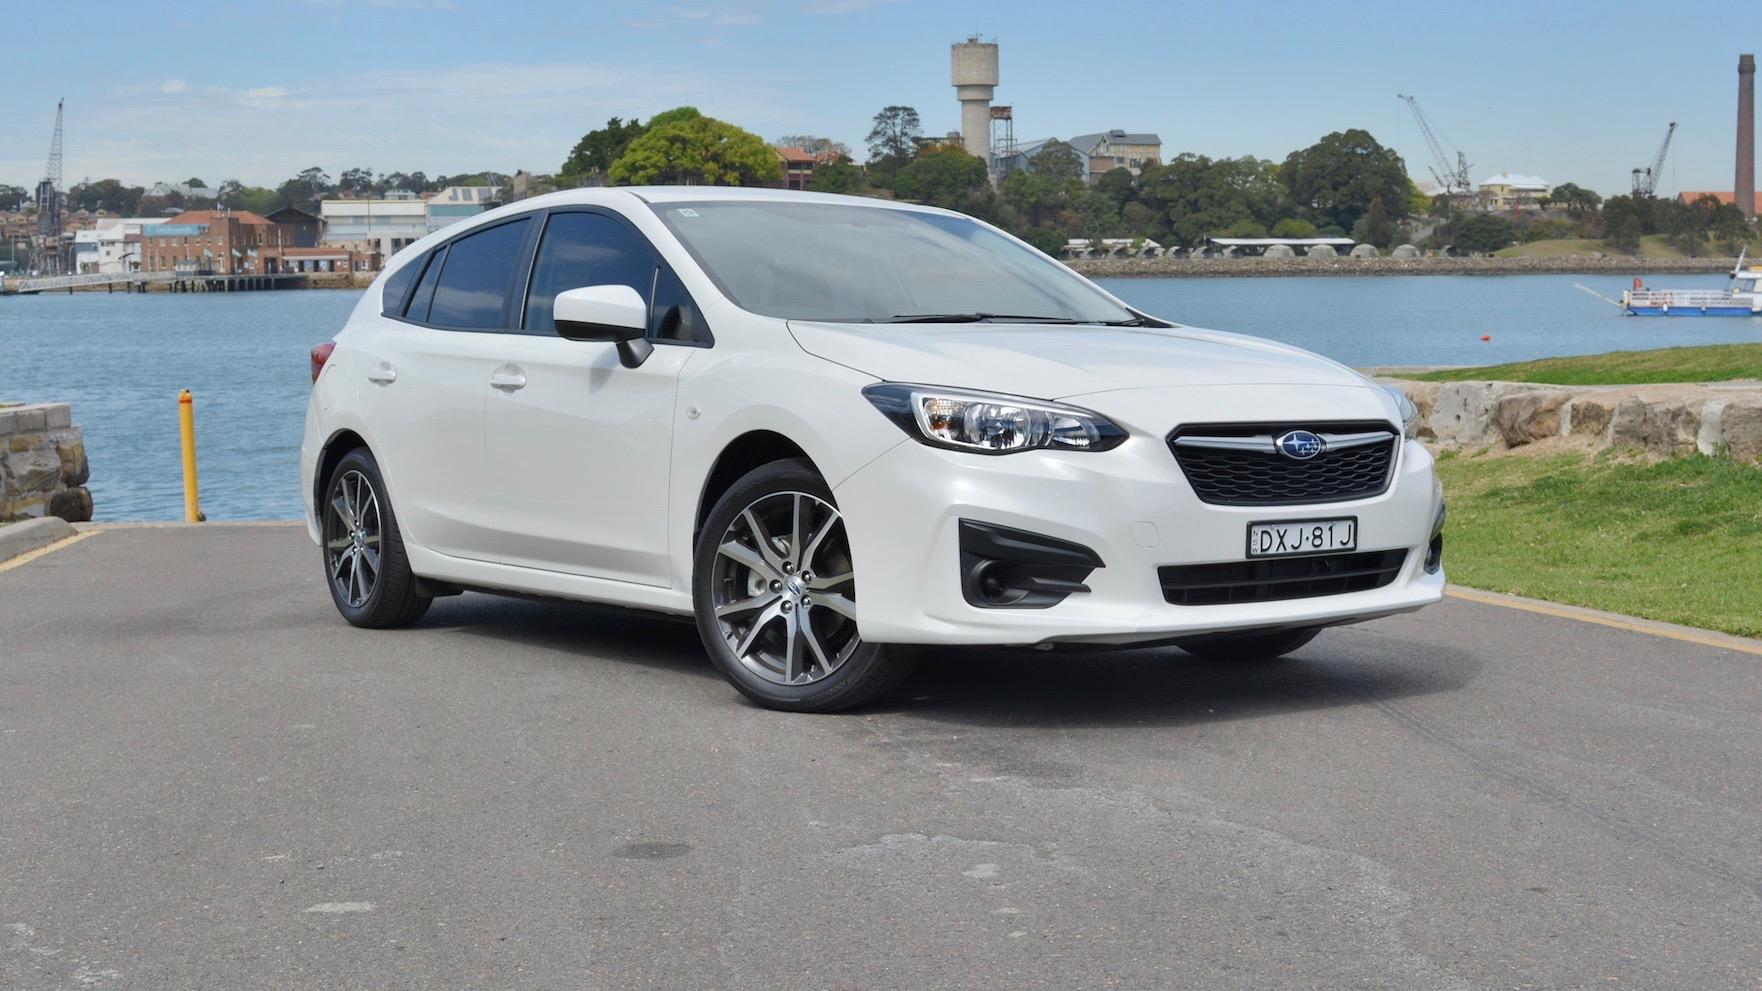 Subaru Impreza 2.0i 2018 new car review